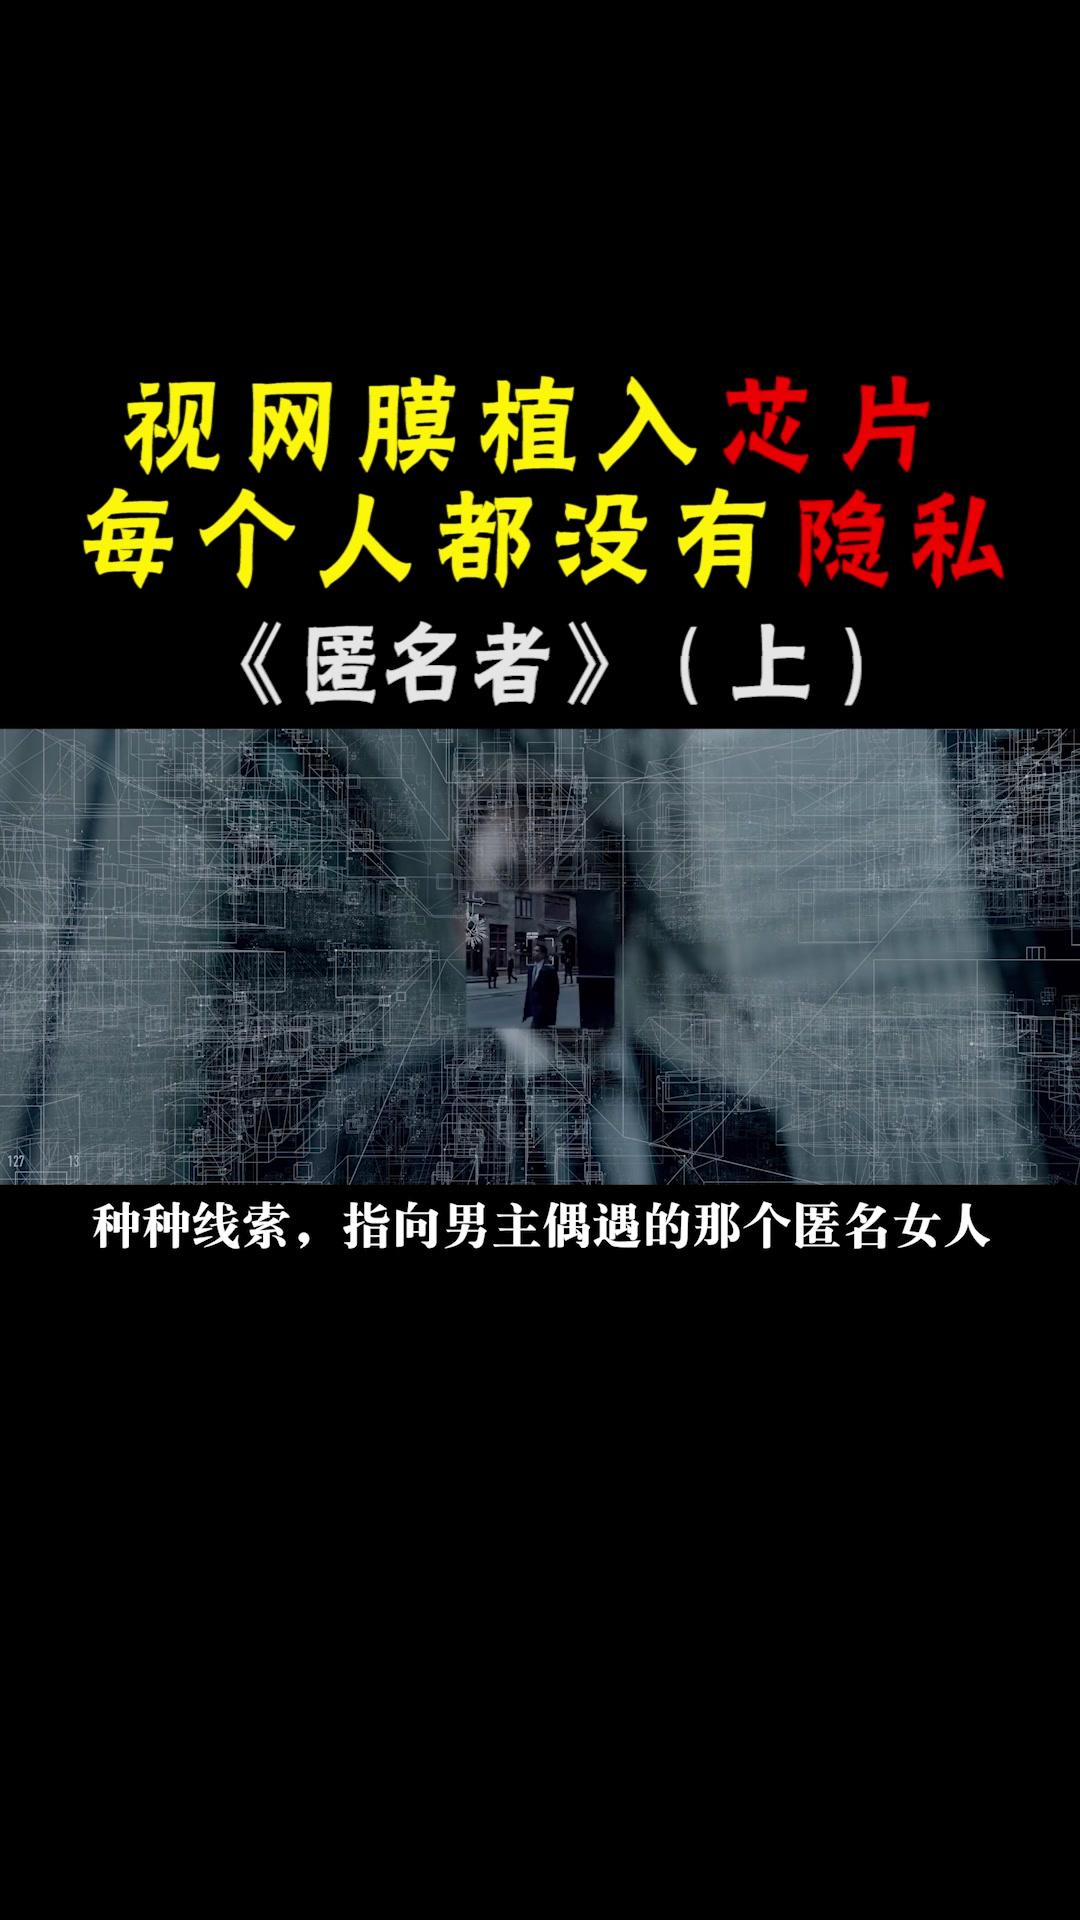 说电影《匿名者》